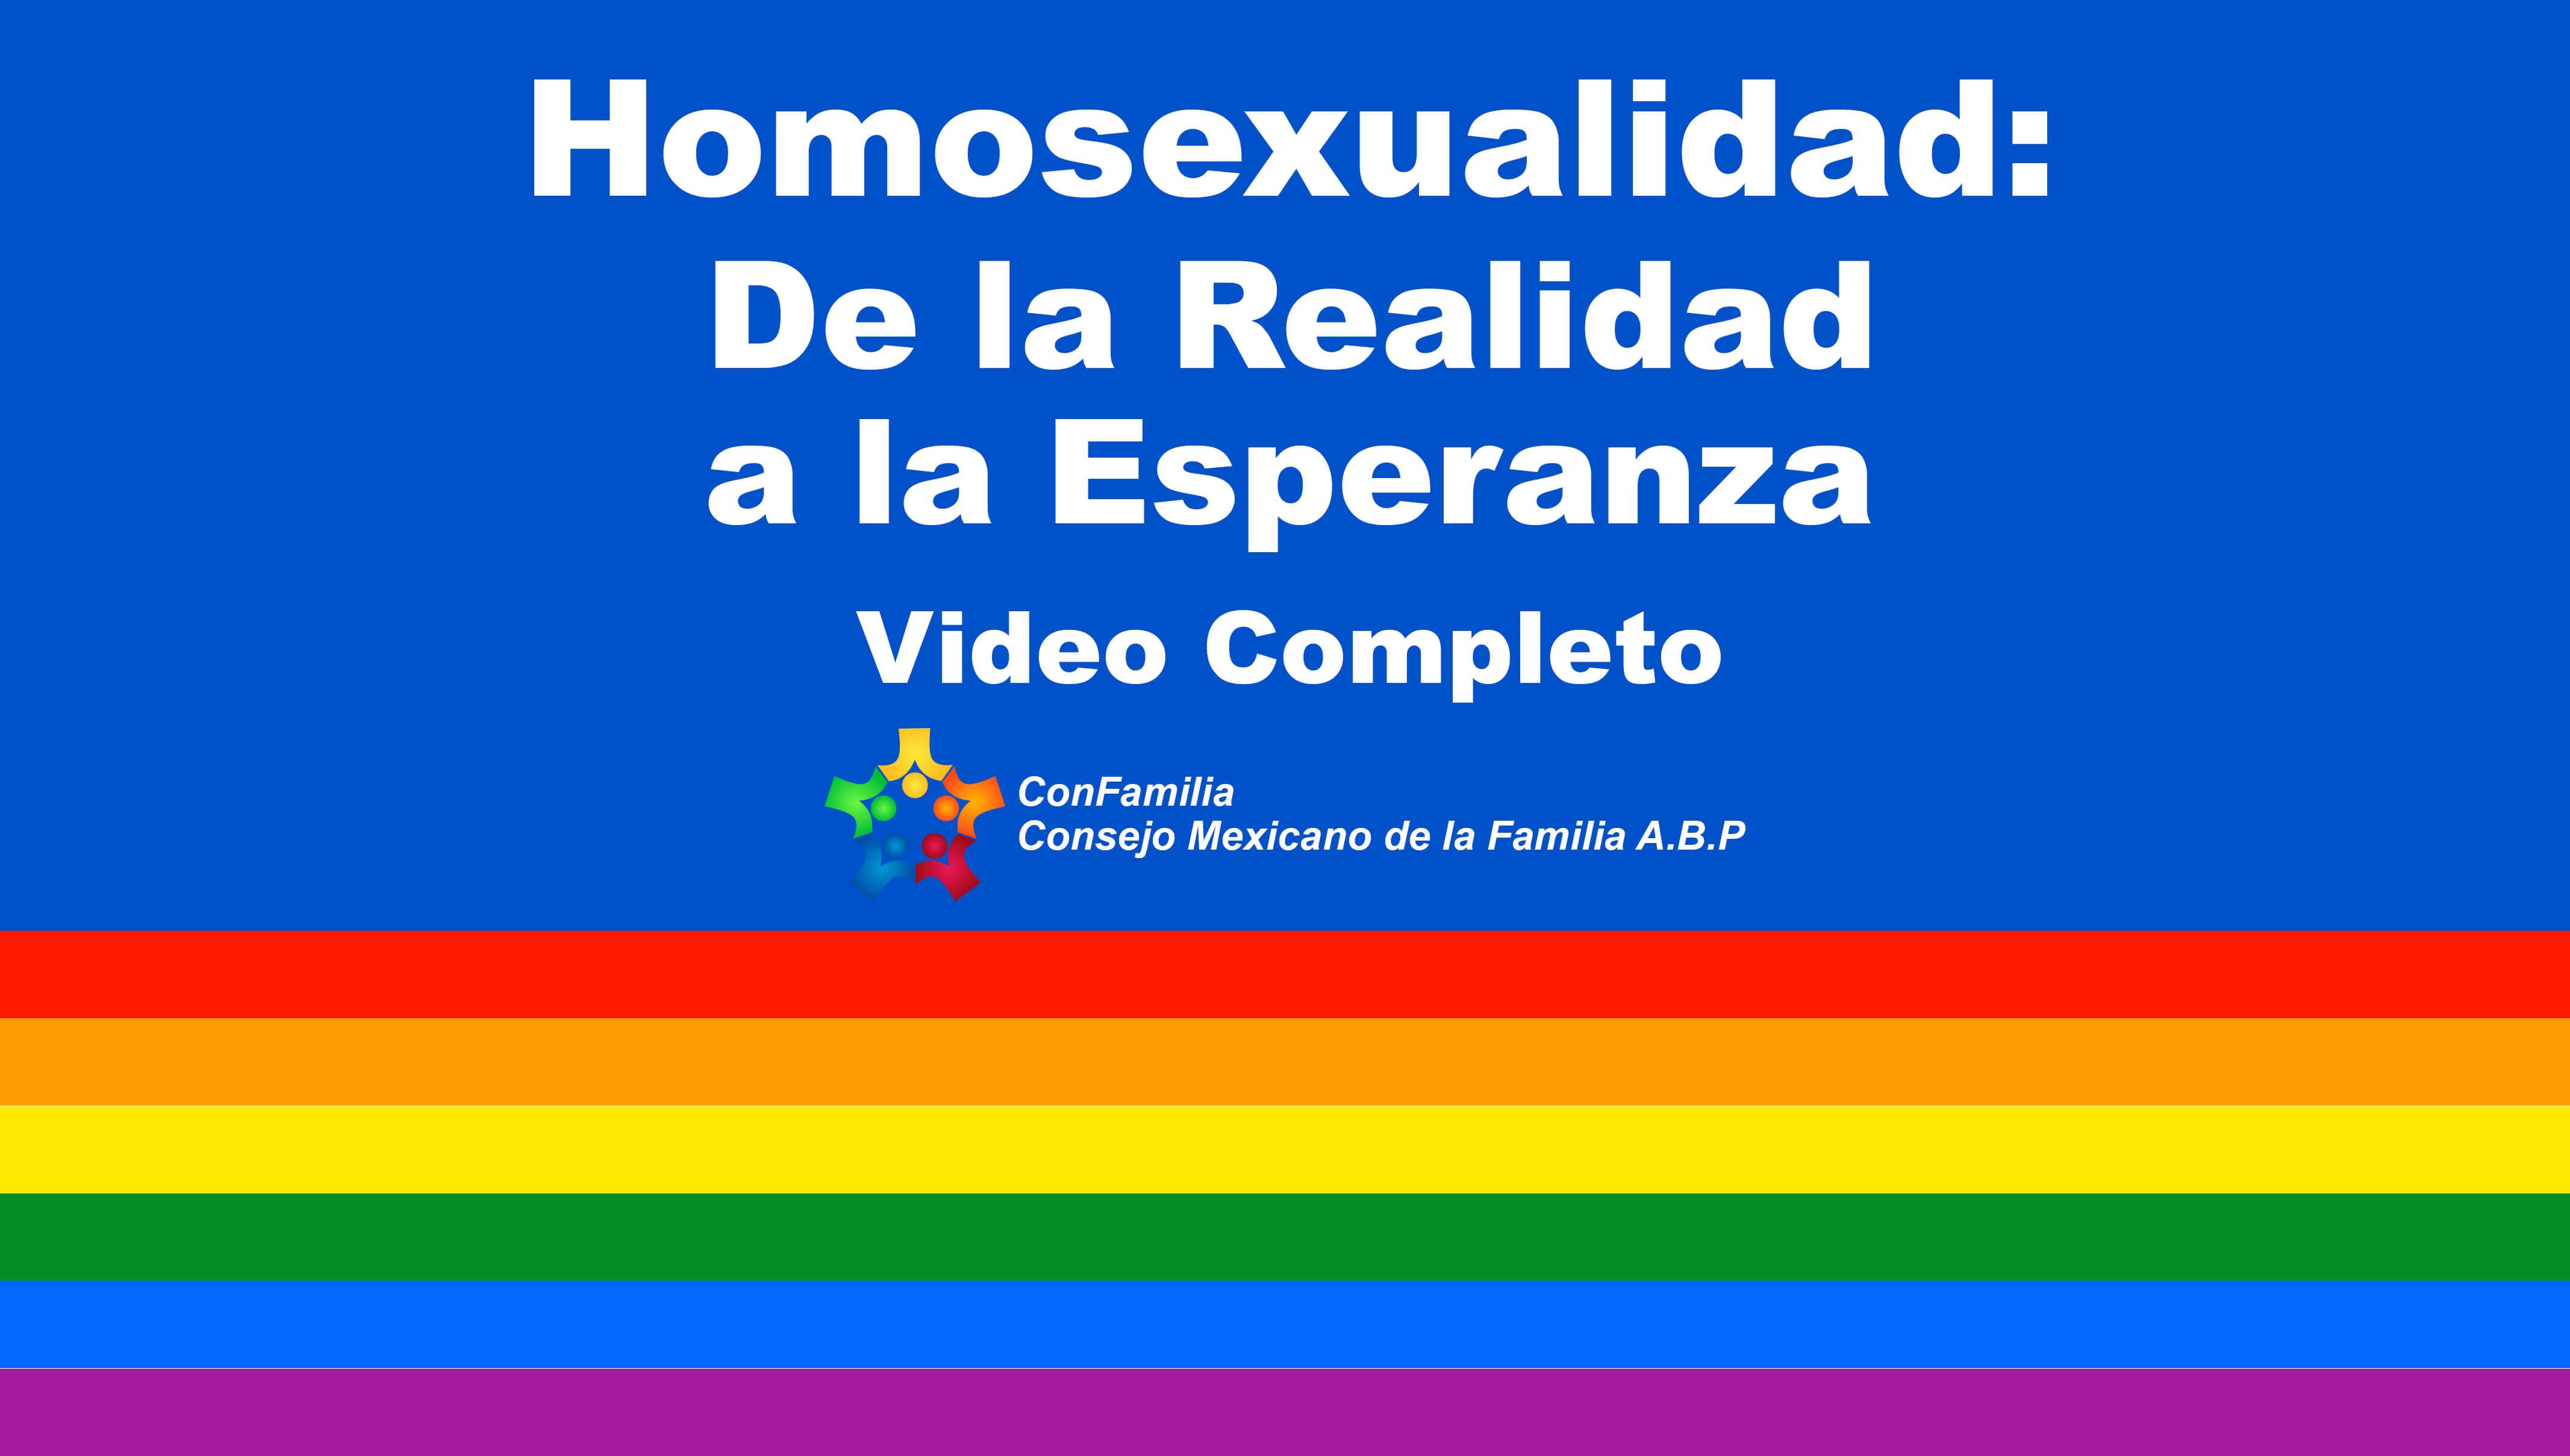 """La homosexualidad se analiza aquí… """"¡Con la Furia de la Verdad!"""""""